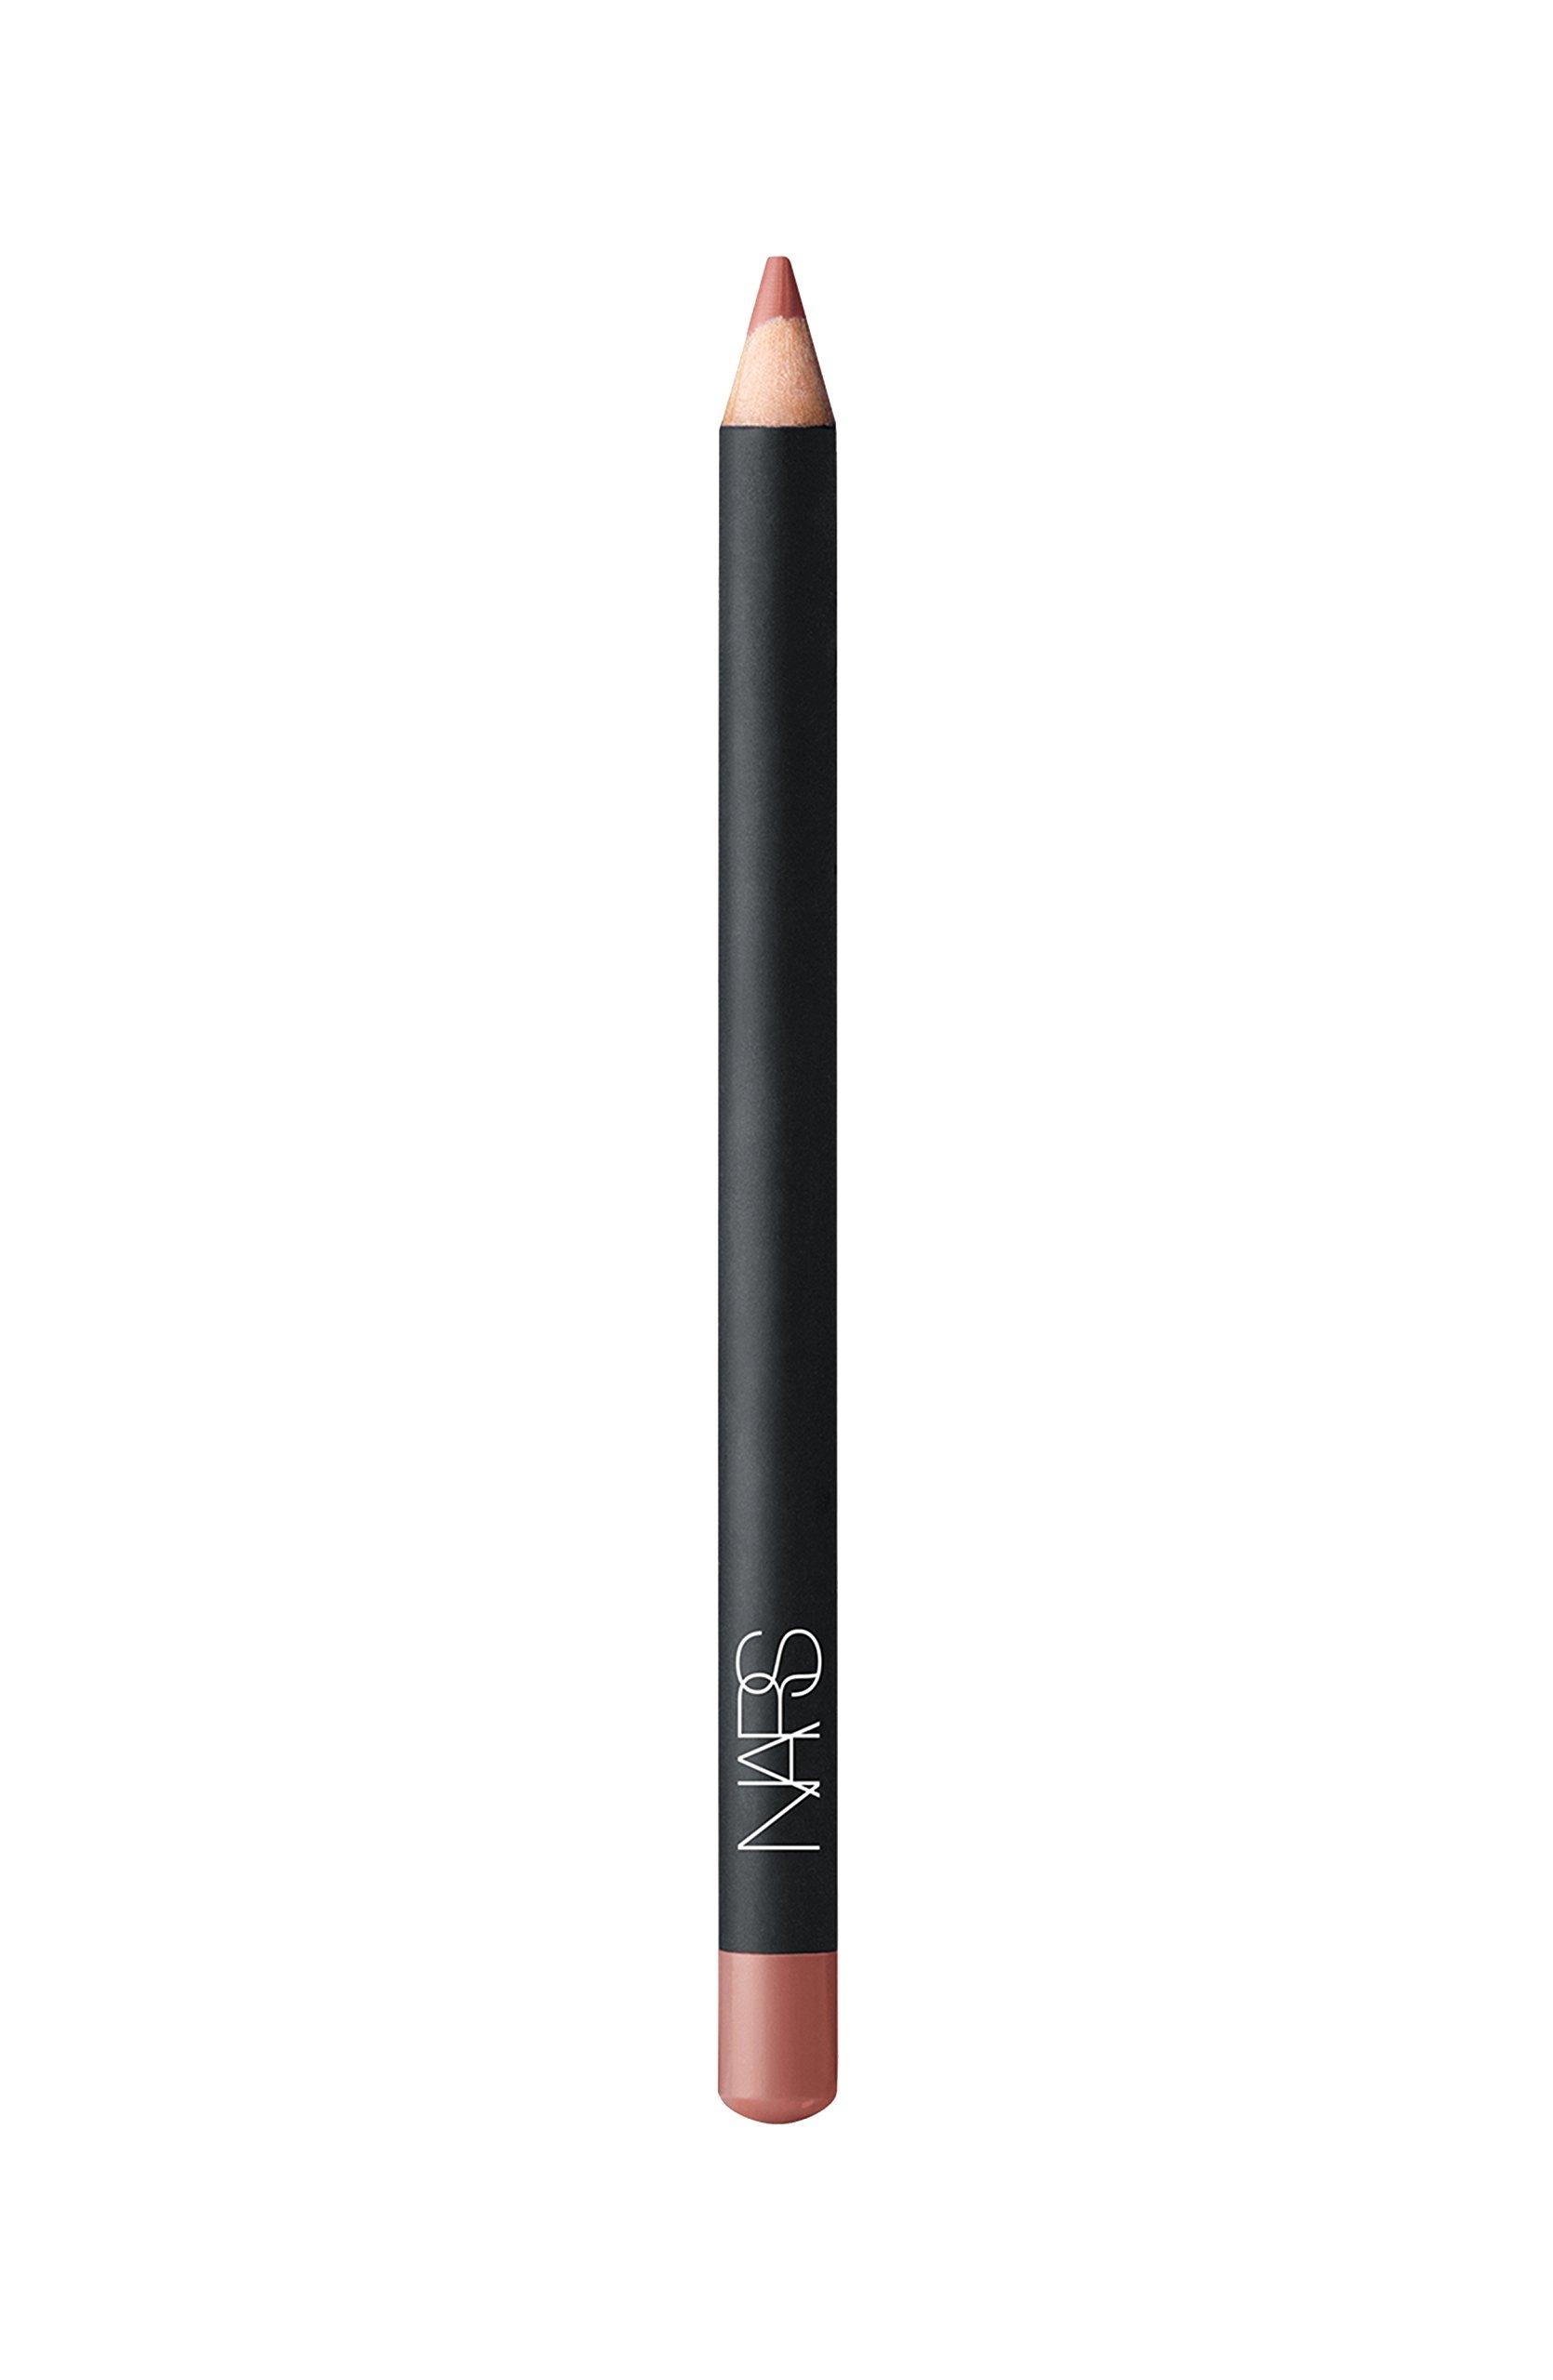 Nars - Precision Lip Liner (Halong Bay)